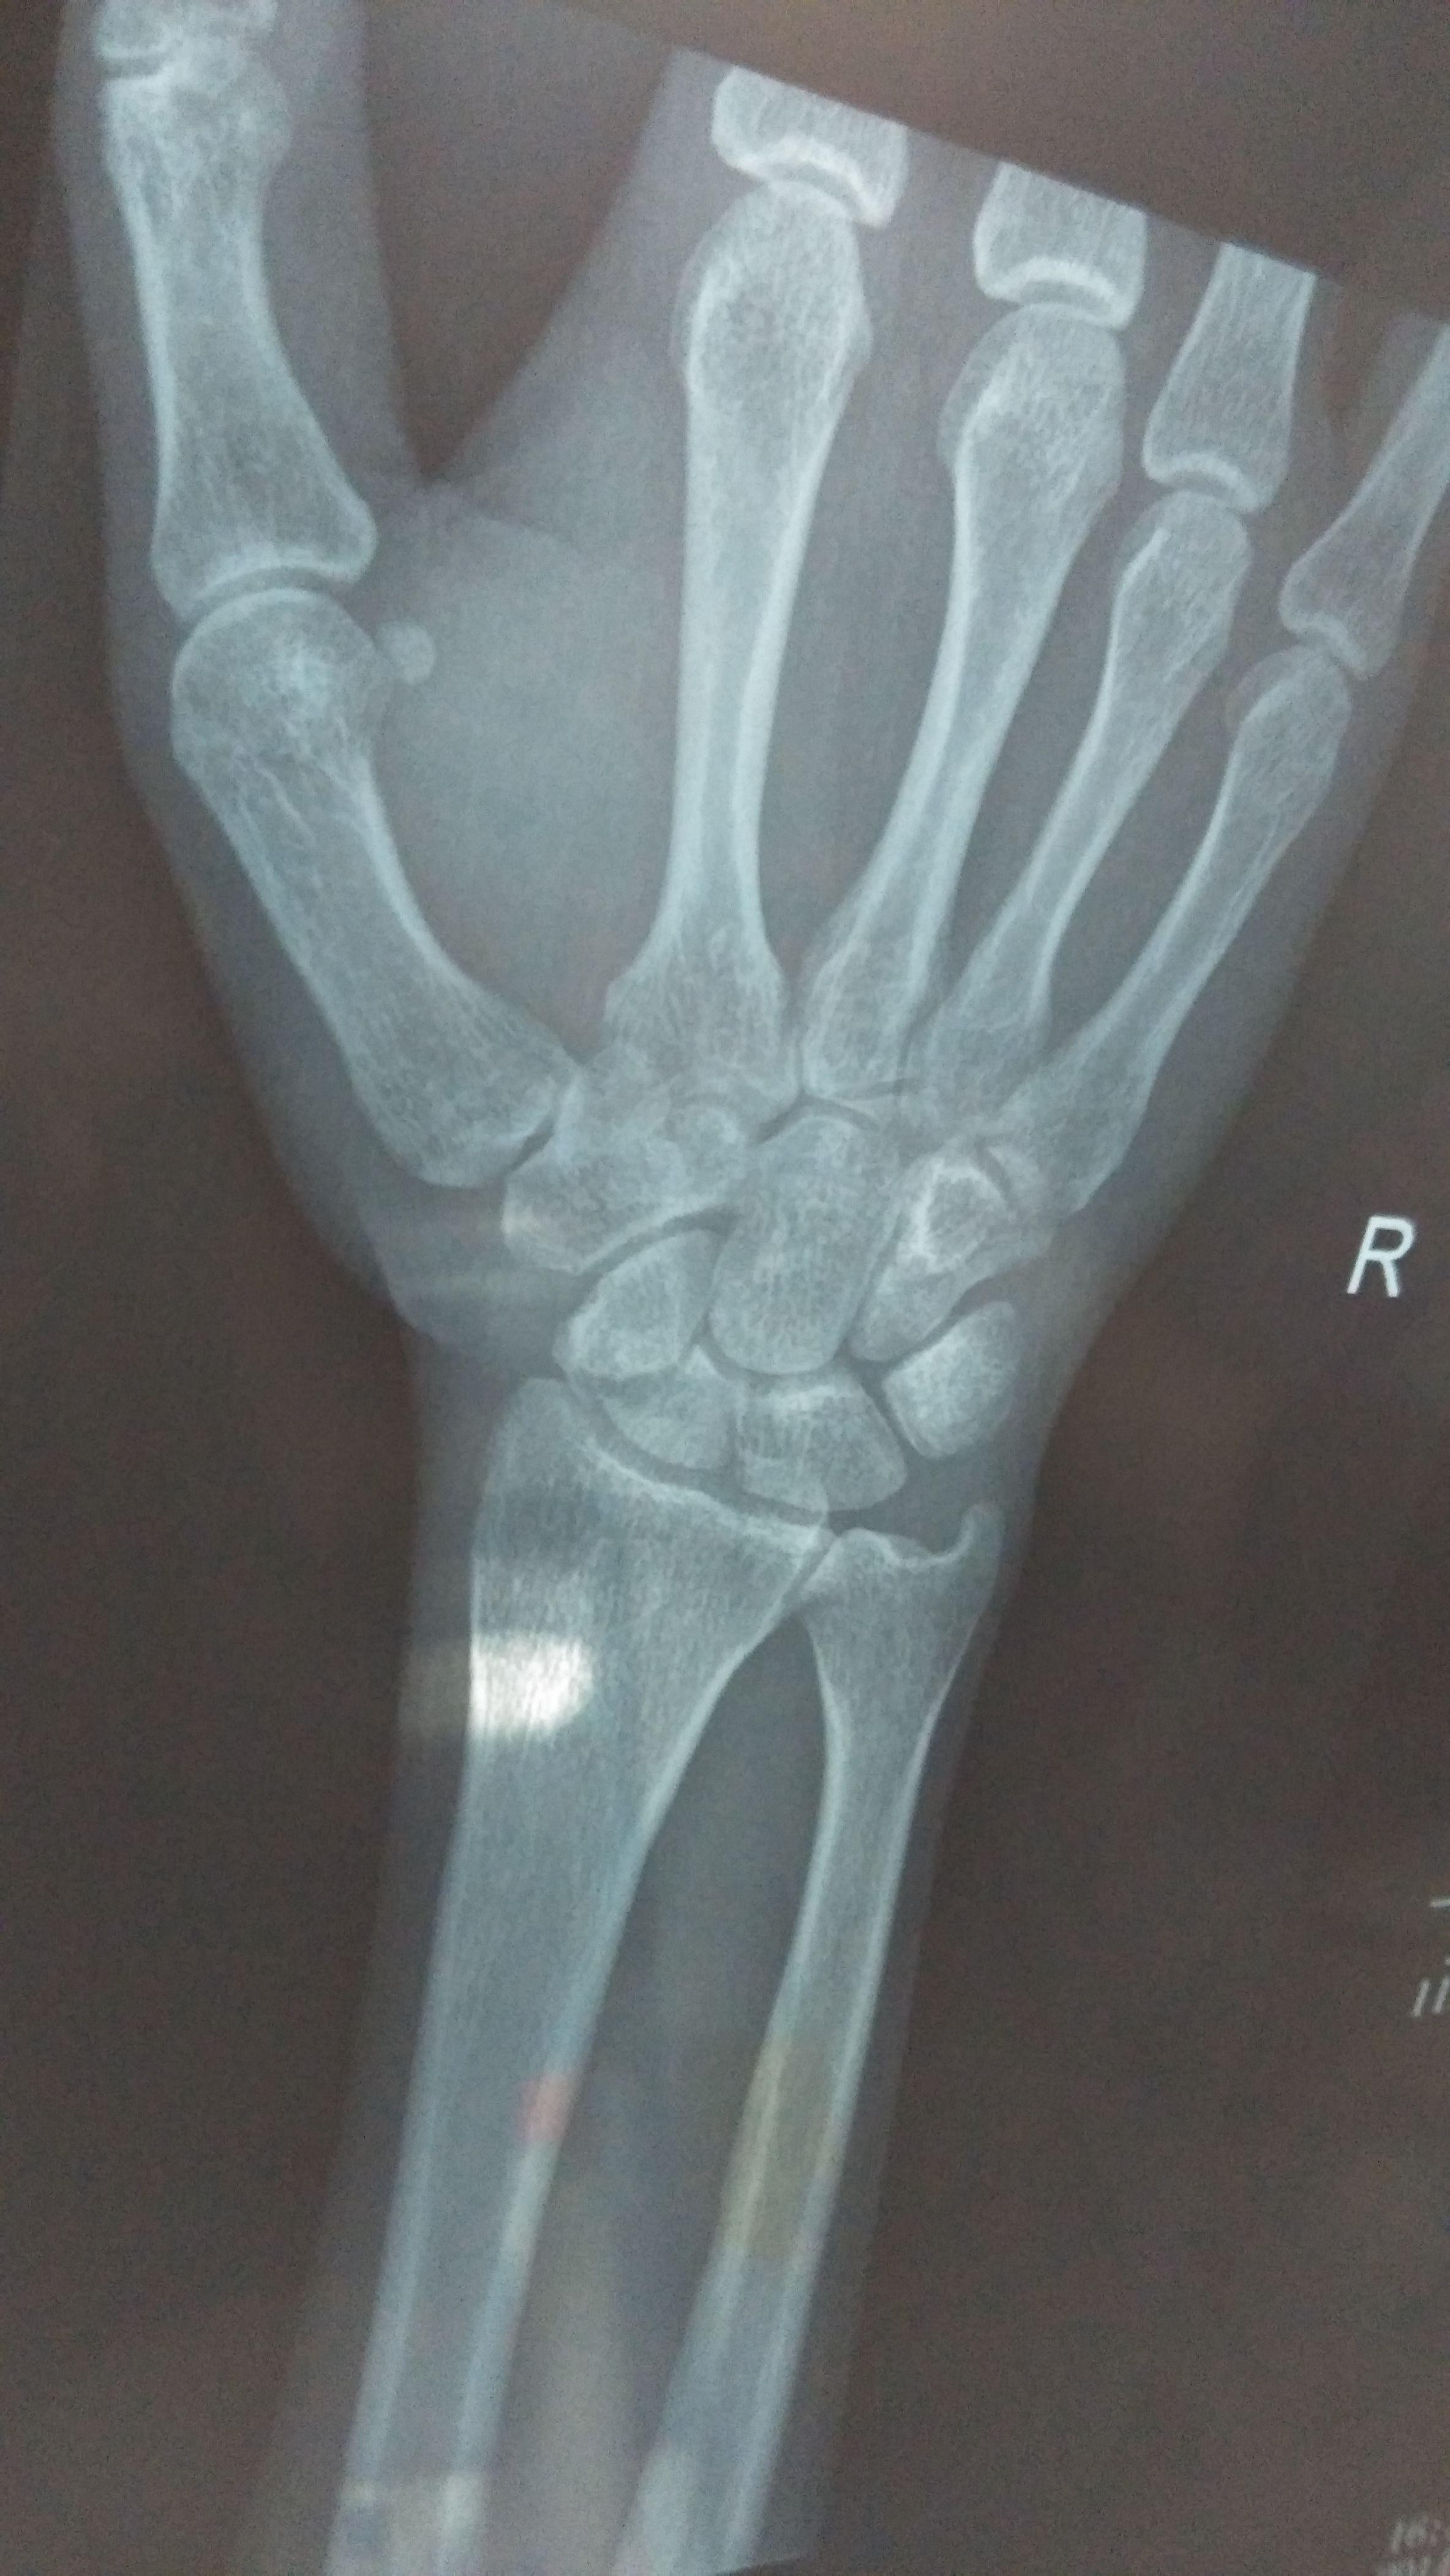 2014-07-18 徐清芝 医师 小孩手臂弯曲处骨裂,手腕处发青,要紧吗?图片